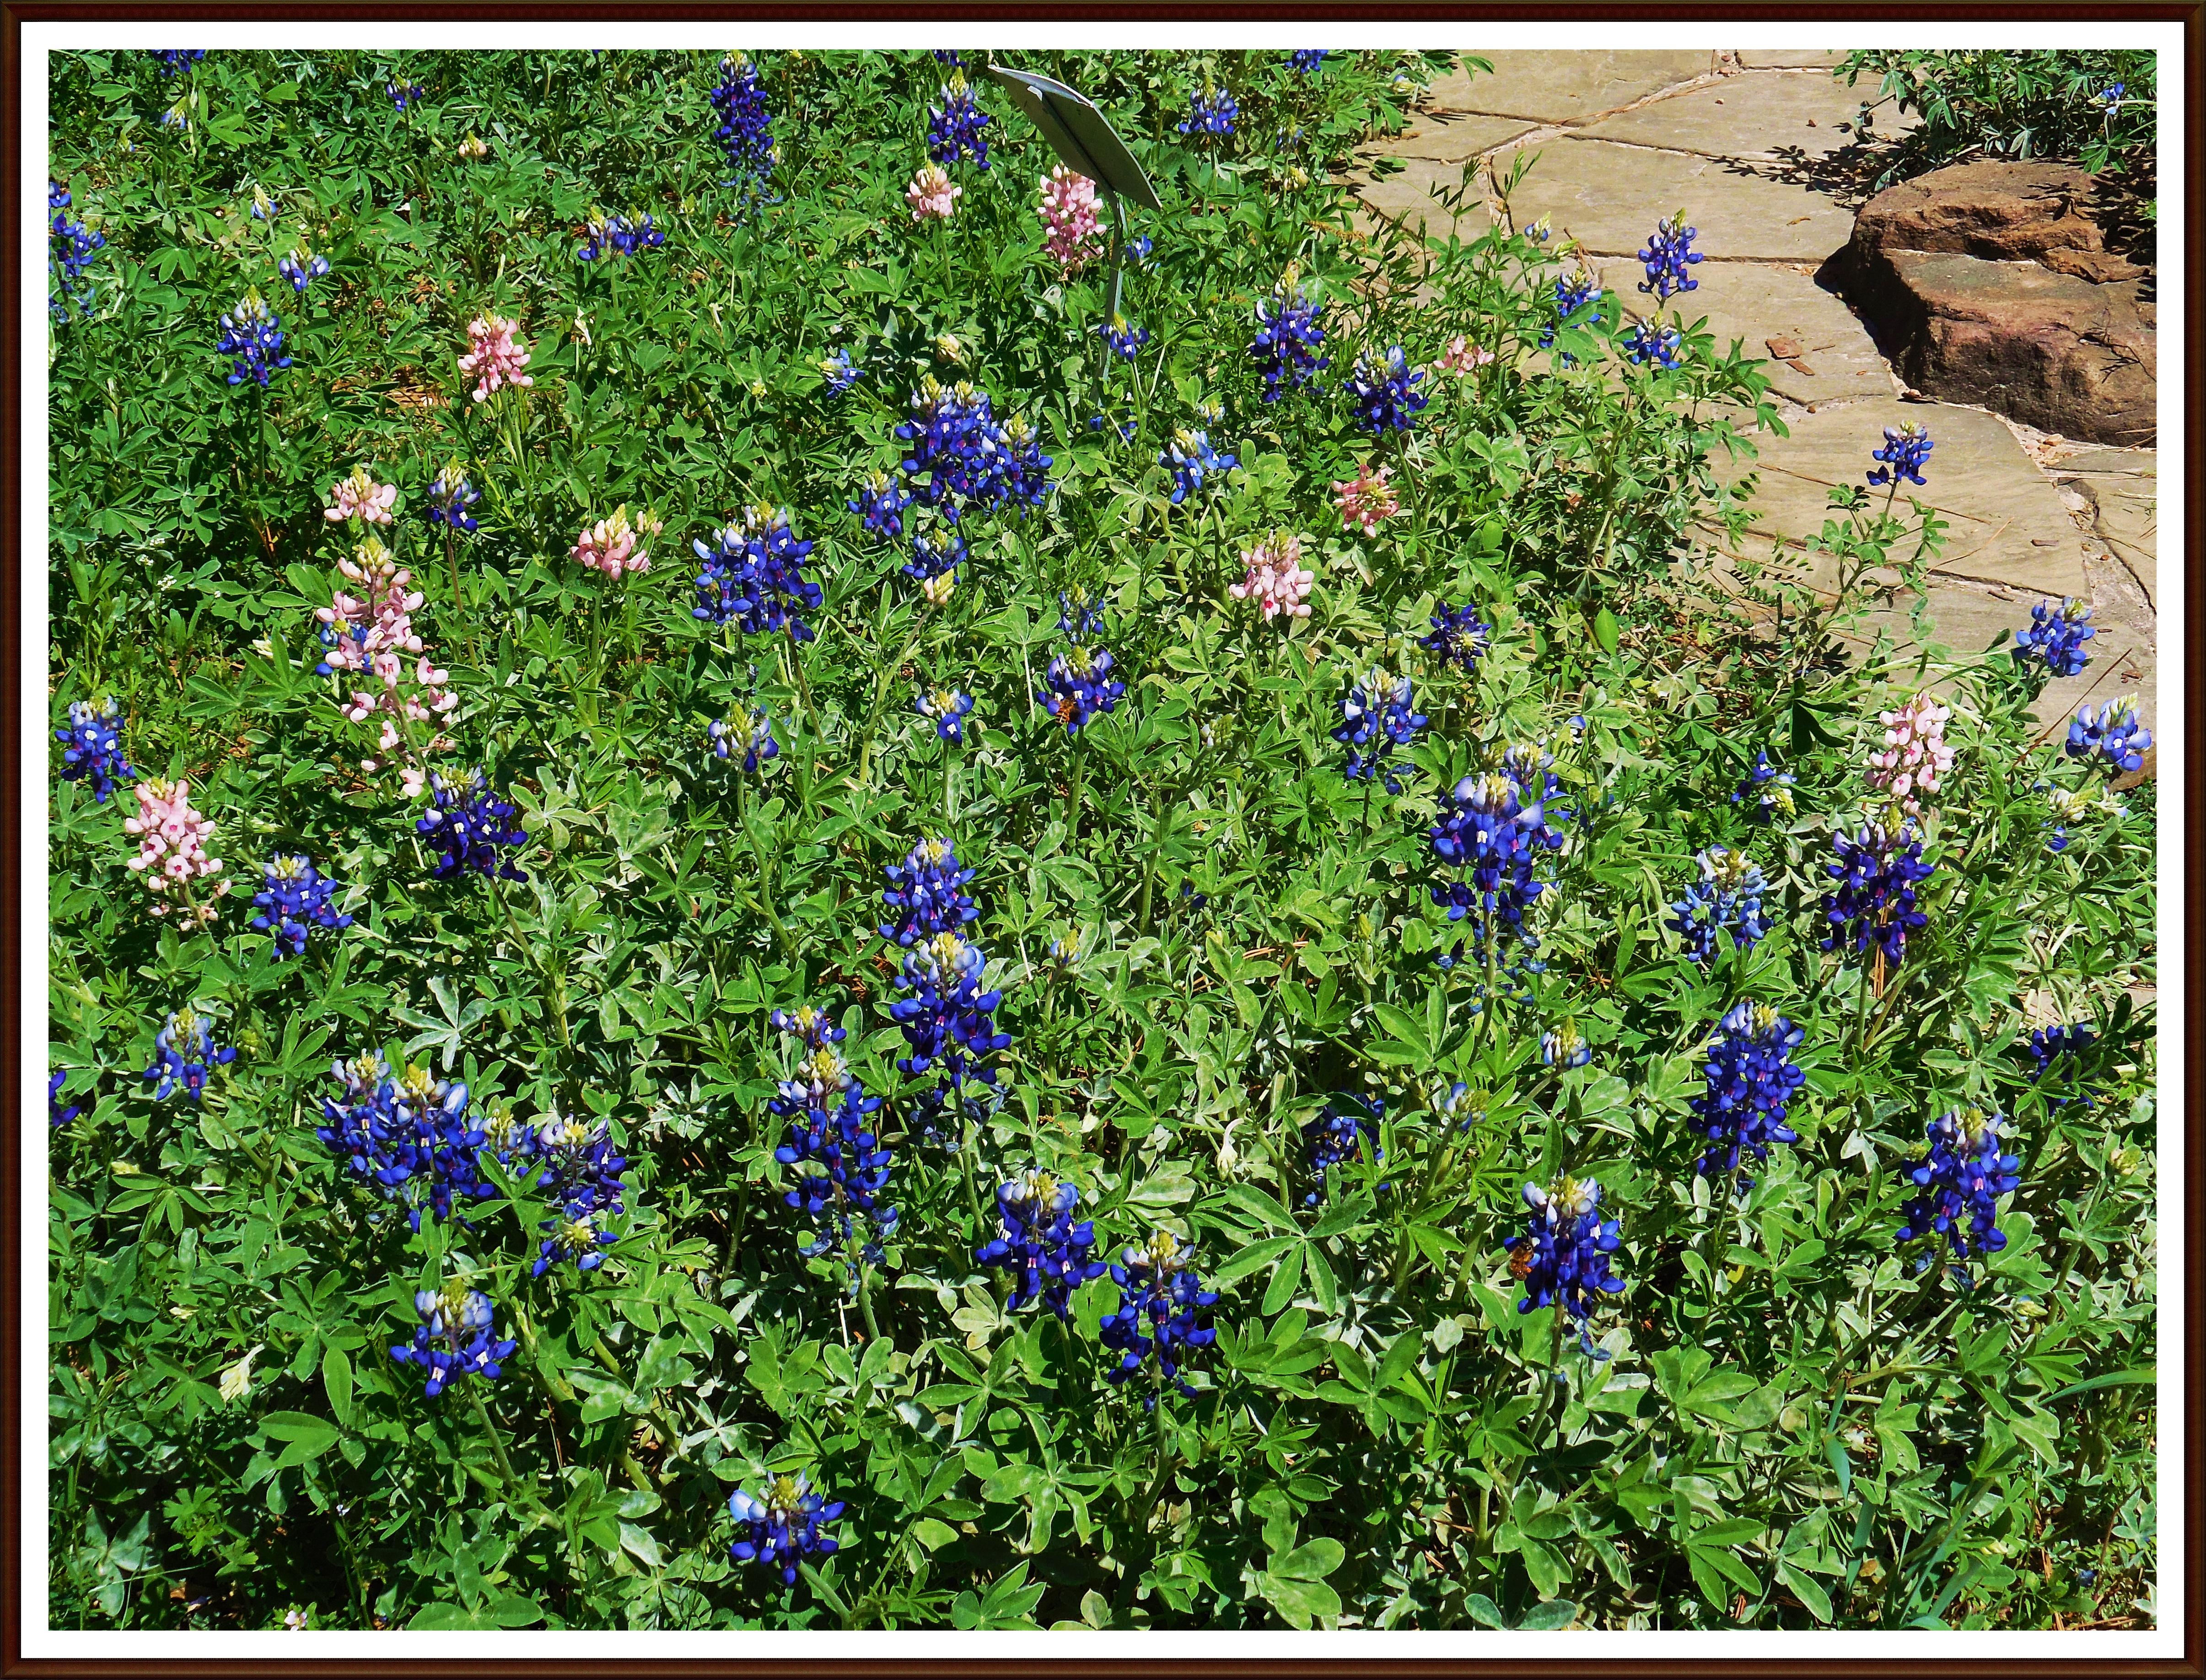 Texas Bluebonnets in Mercer Arboretum